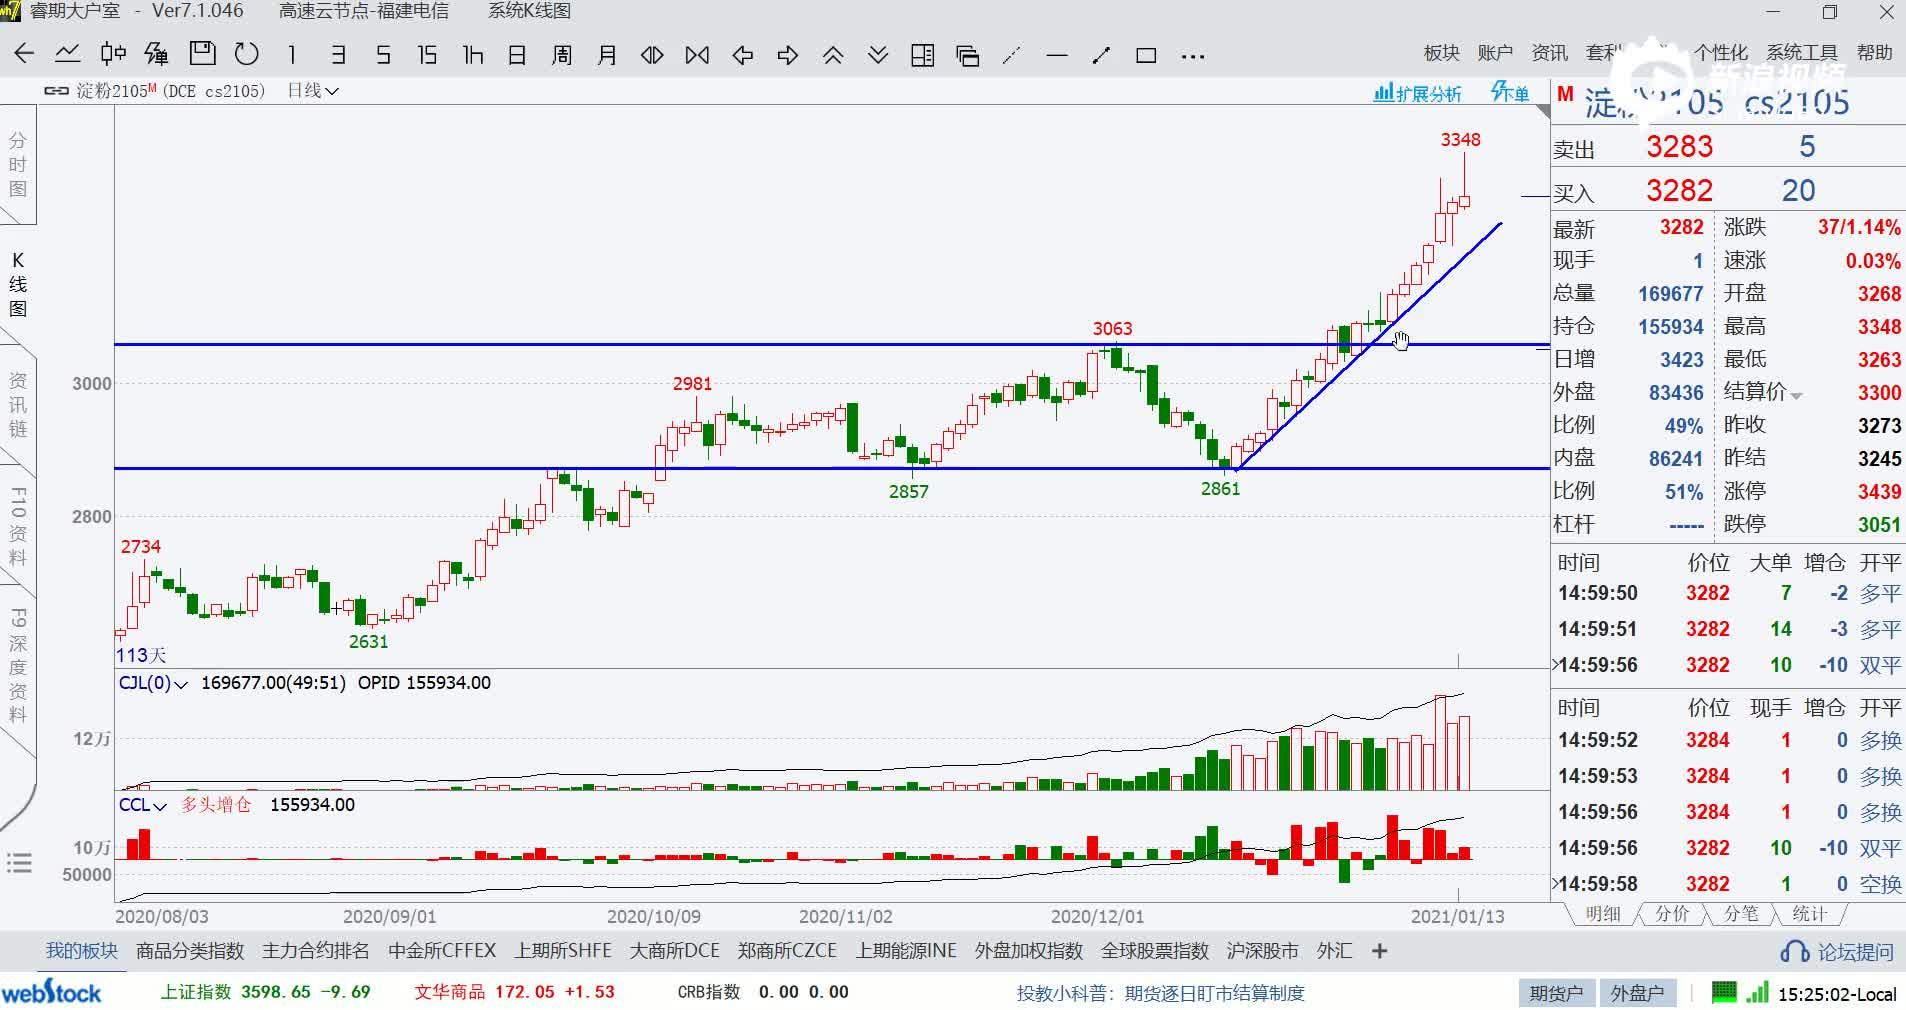 中银期货策略营业部市场分析(1.13)